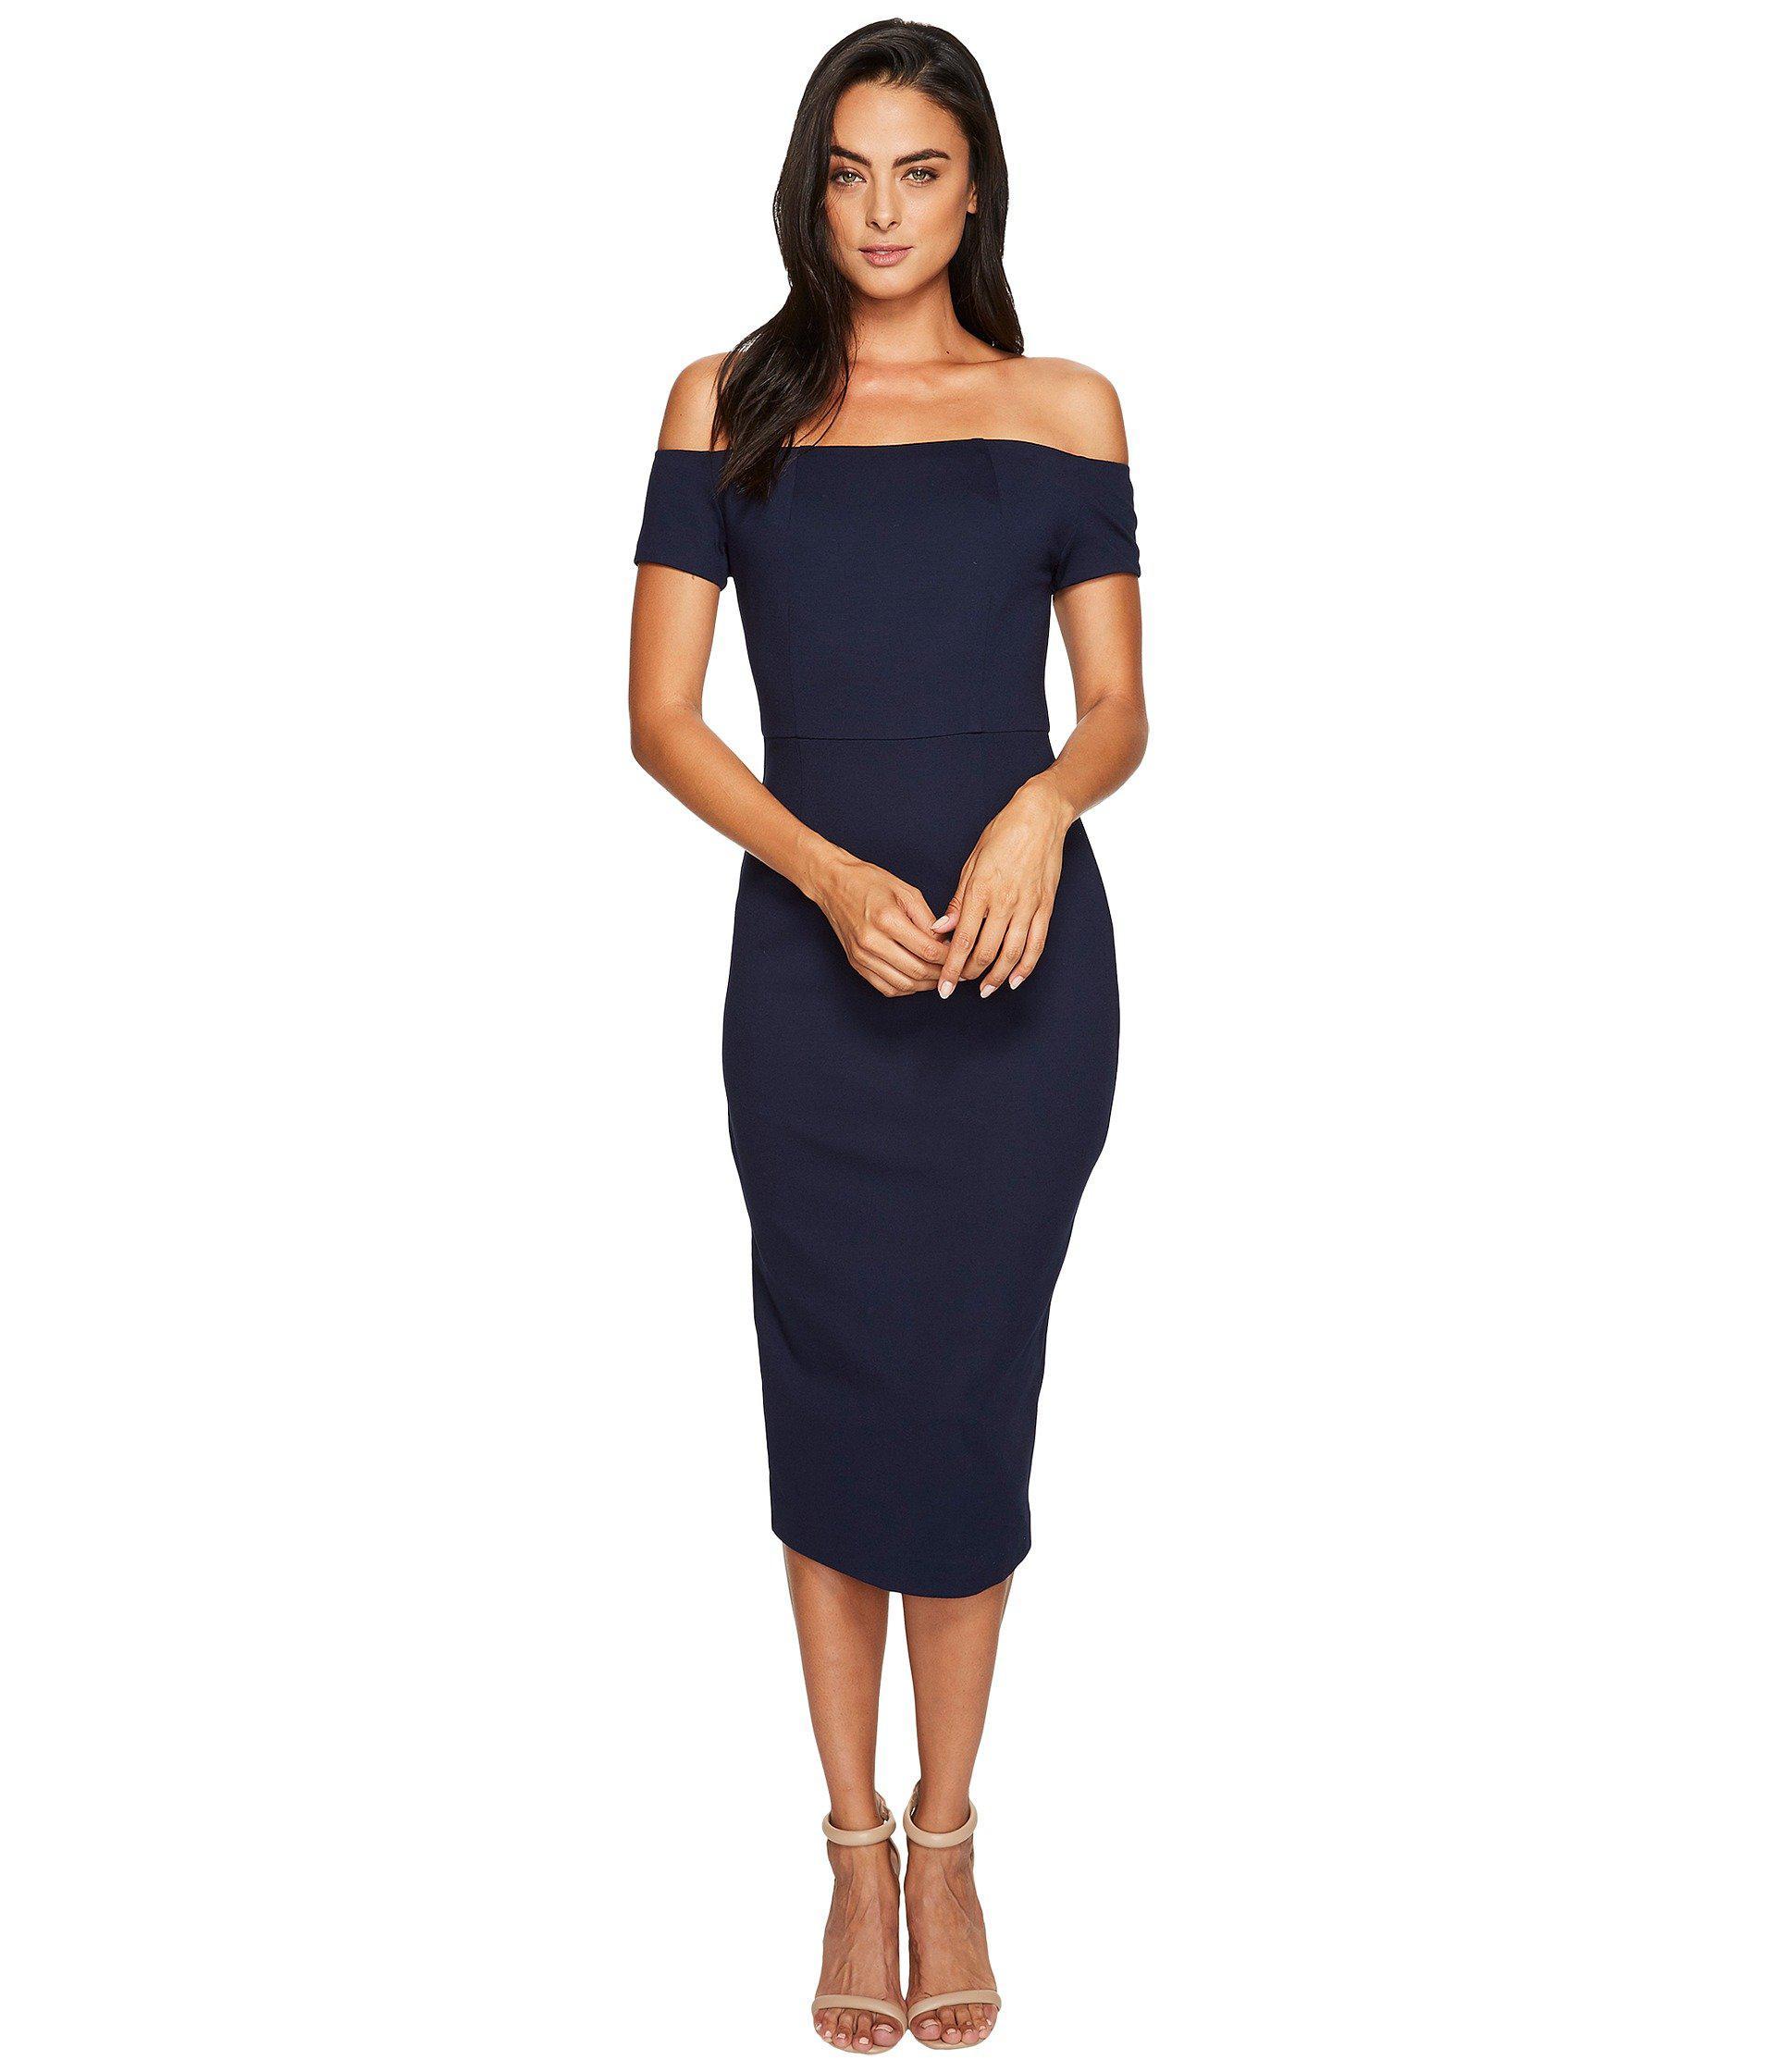 bc635f875a8d Trina Turk Candellyn Dress in Blue - Lyst